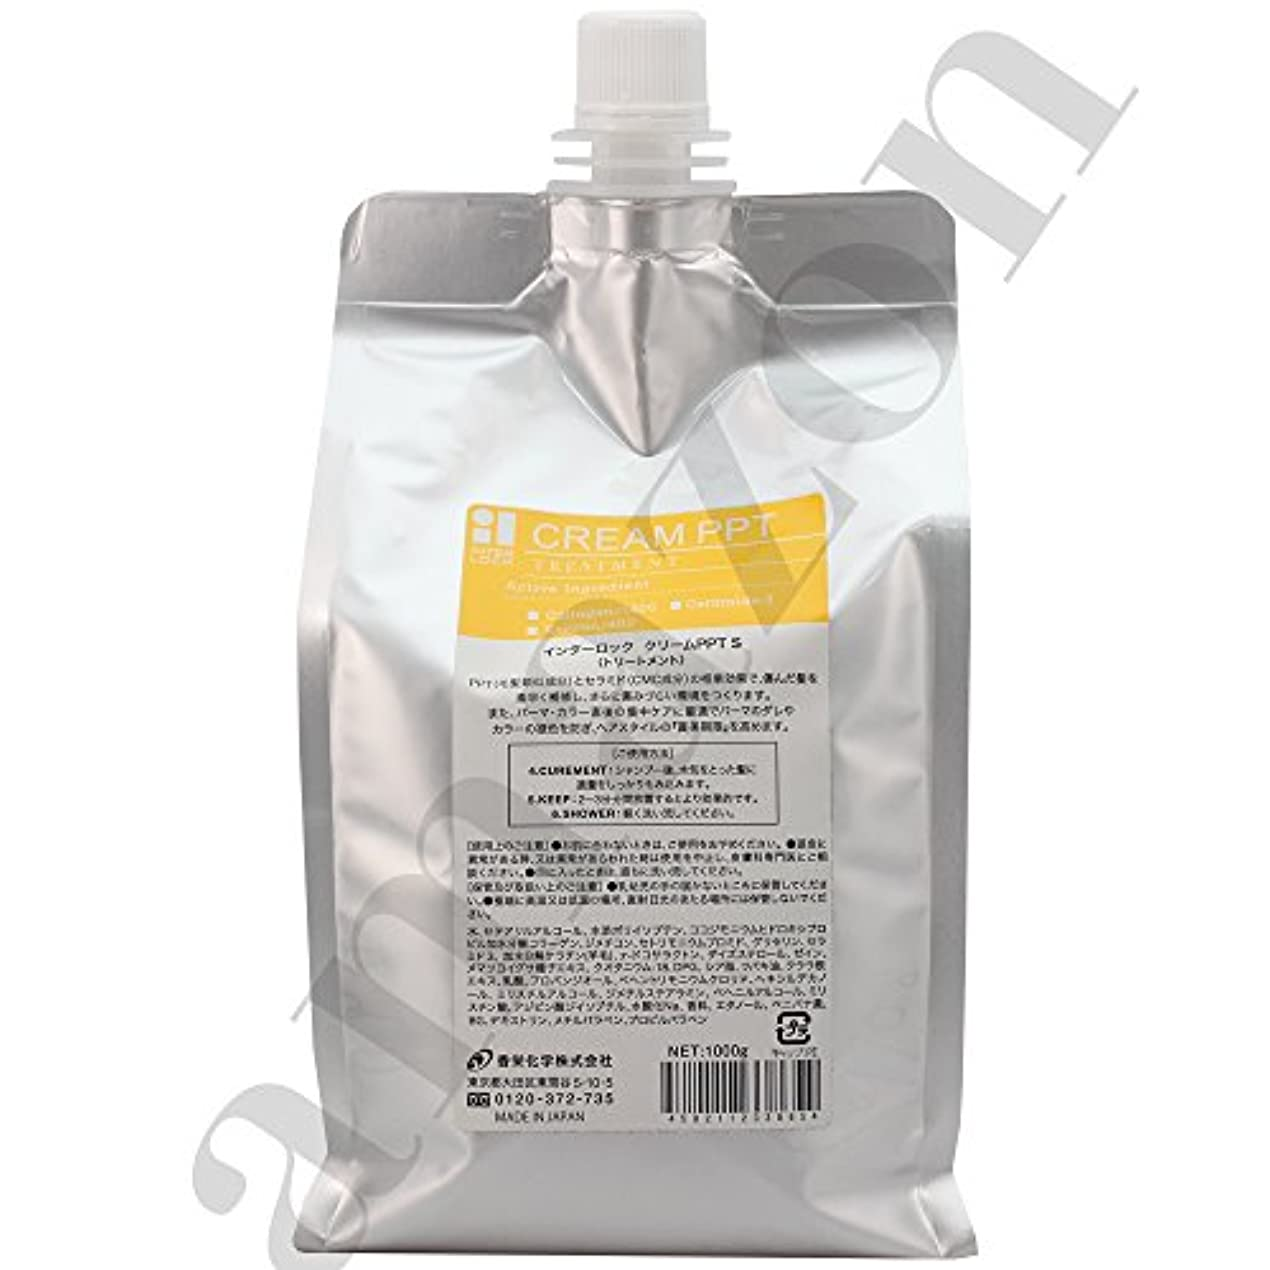 ライン理由関係香栄化学 インターロック クリームPPT S レフィル 1000g